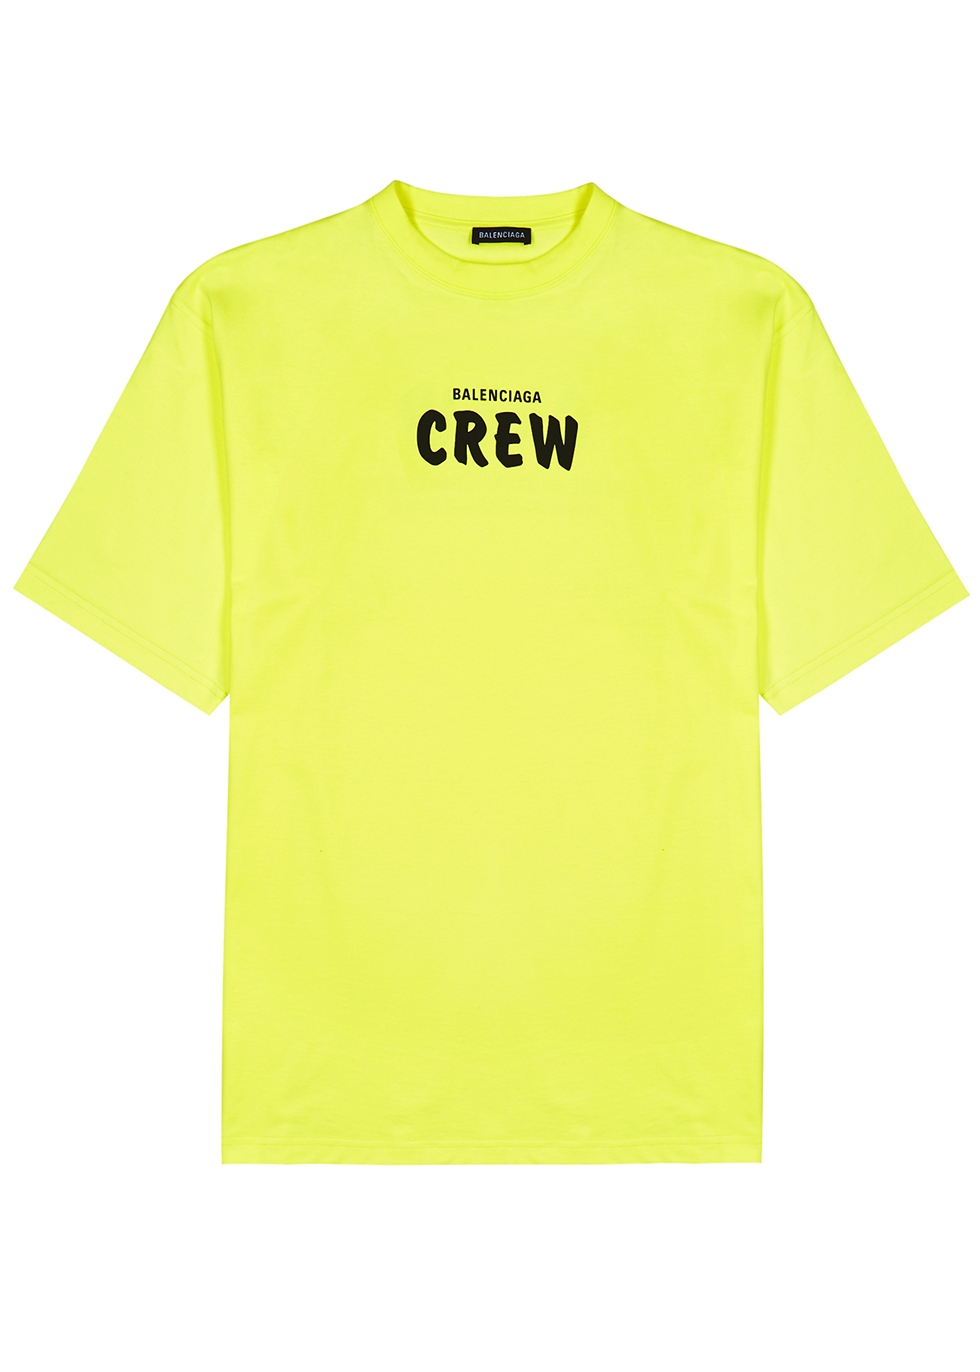 Balenciaga Crew neon yellow printed